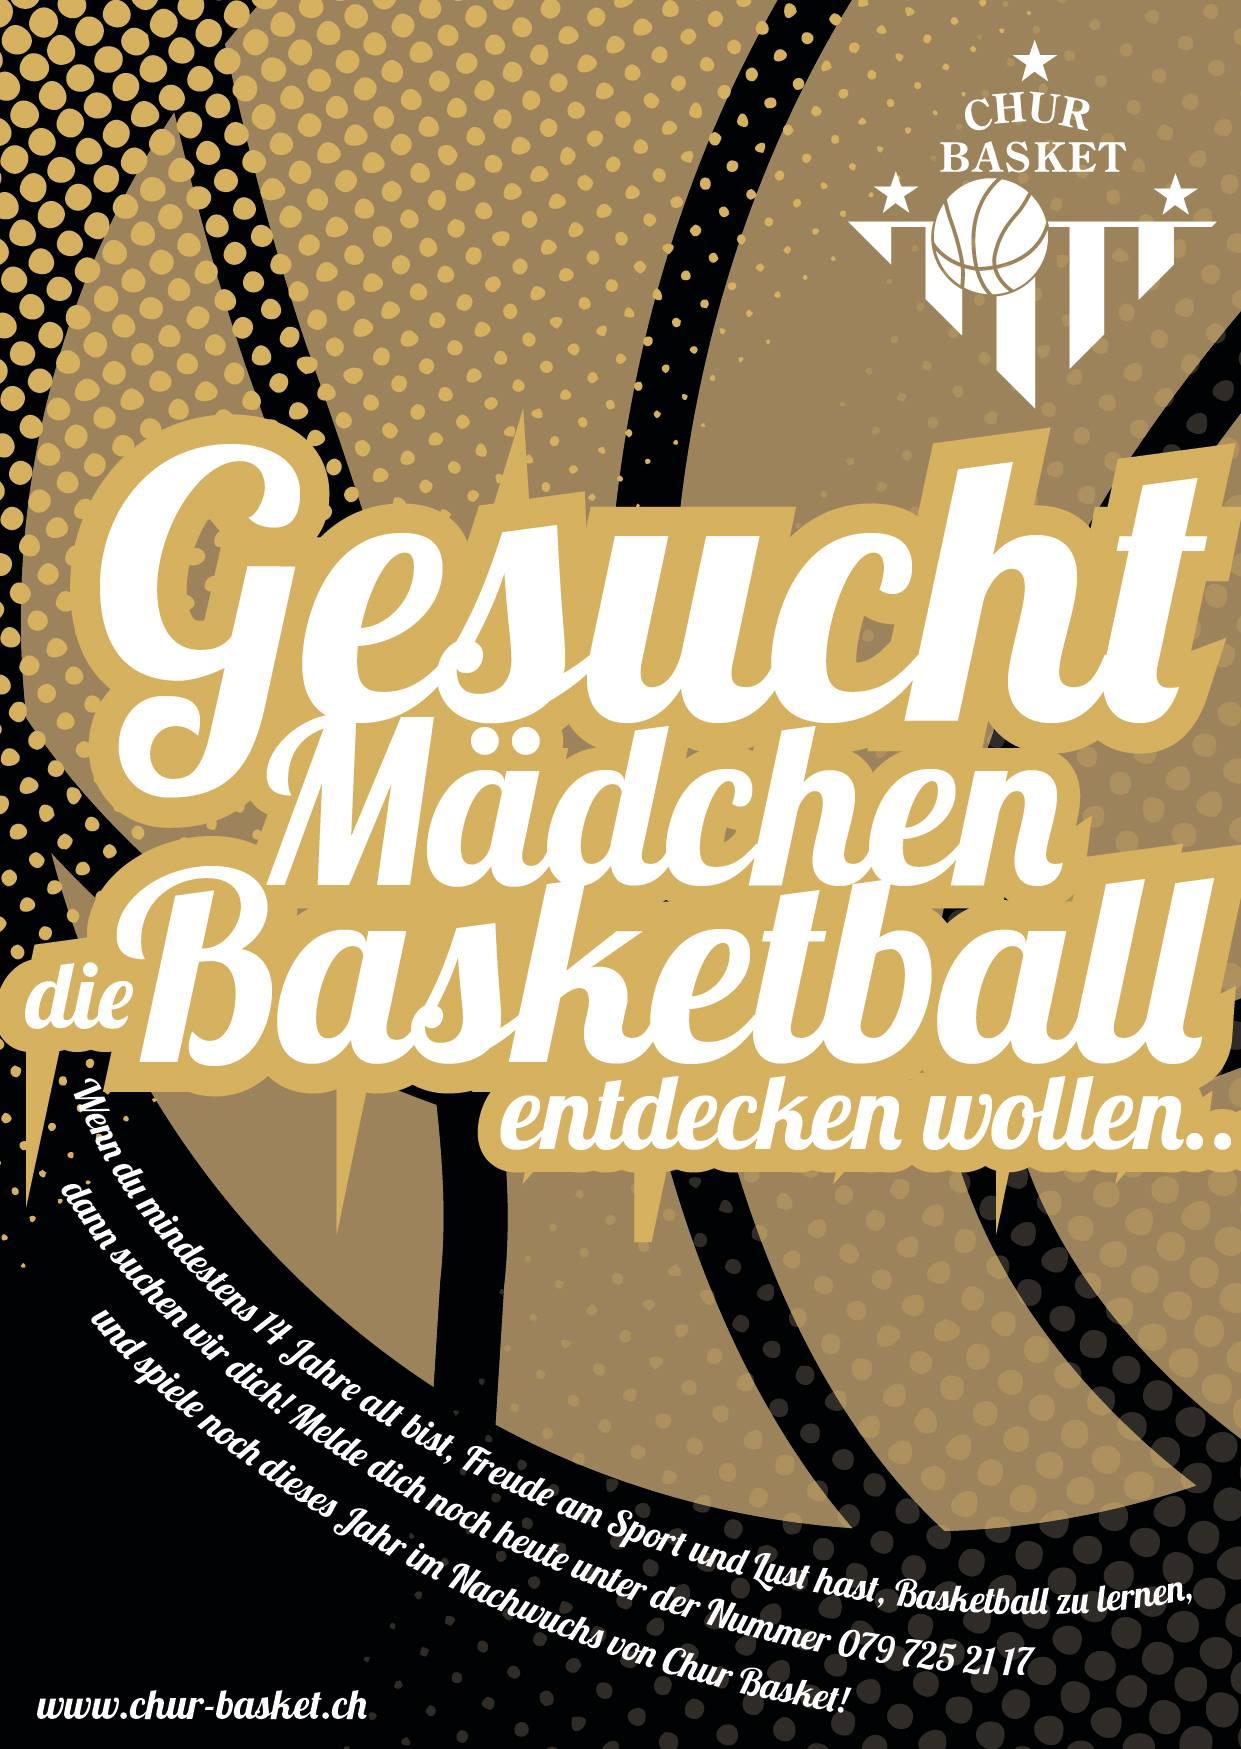 Chur Basket